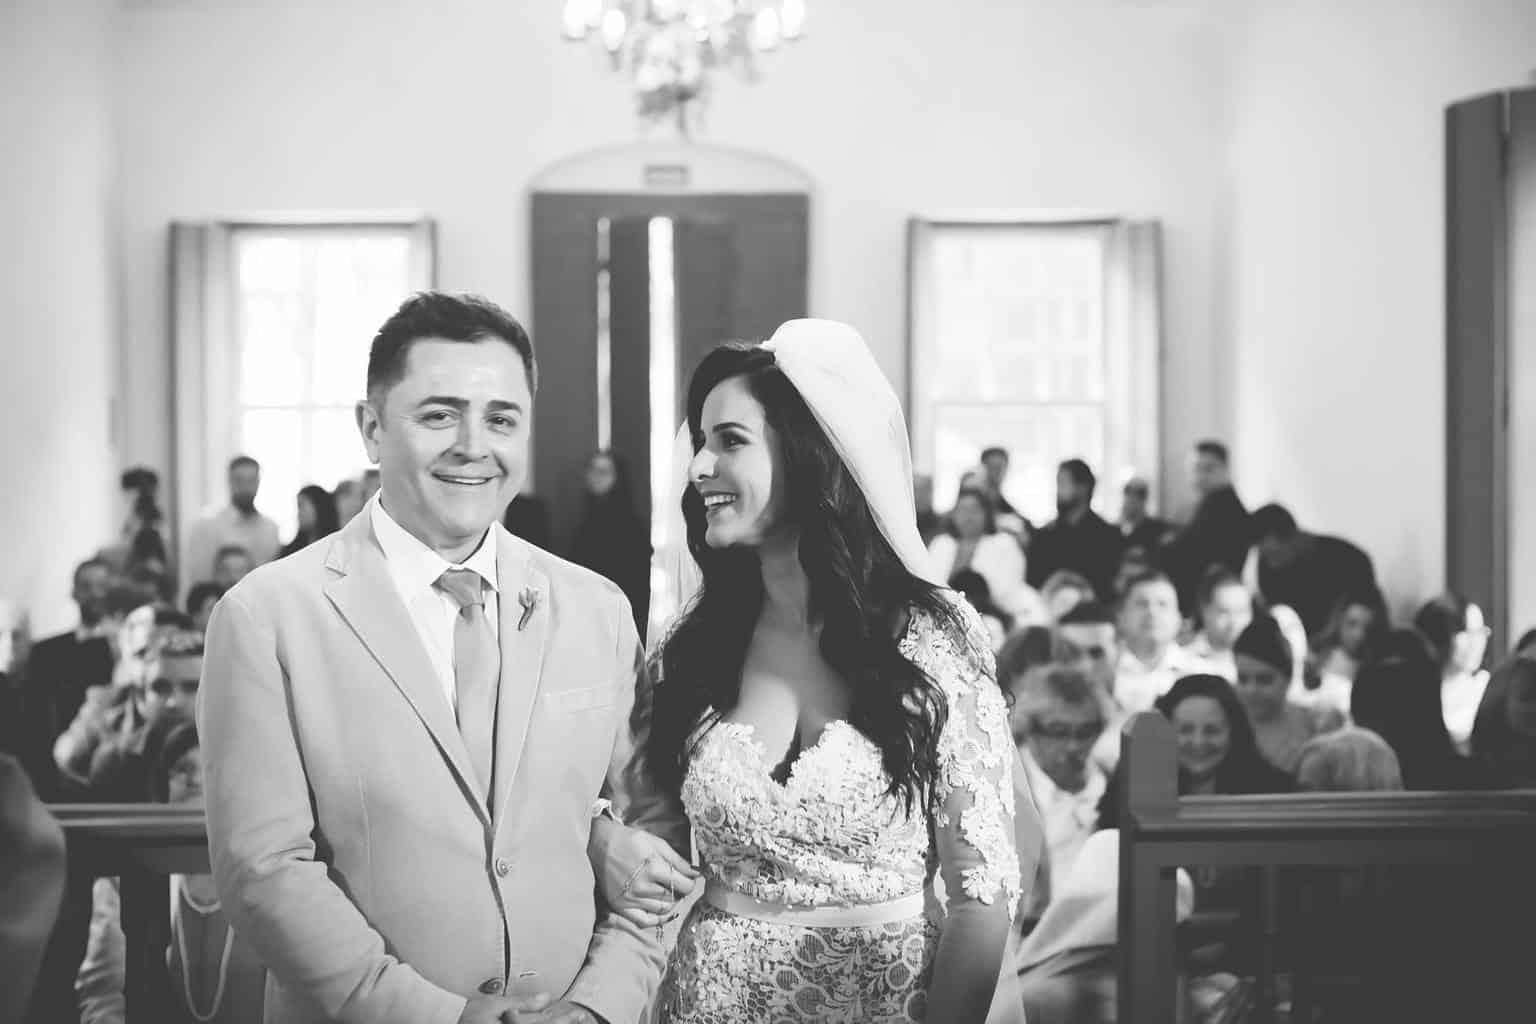 casamento-ariane-e-antonio-carlos-caseme-foto-silvia-penati-30